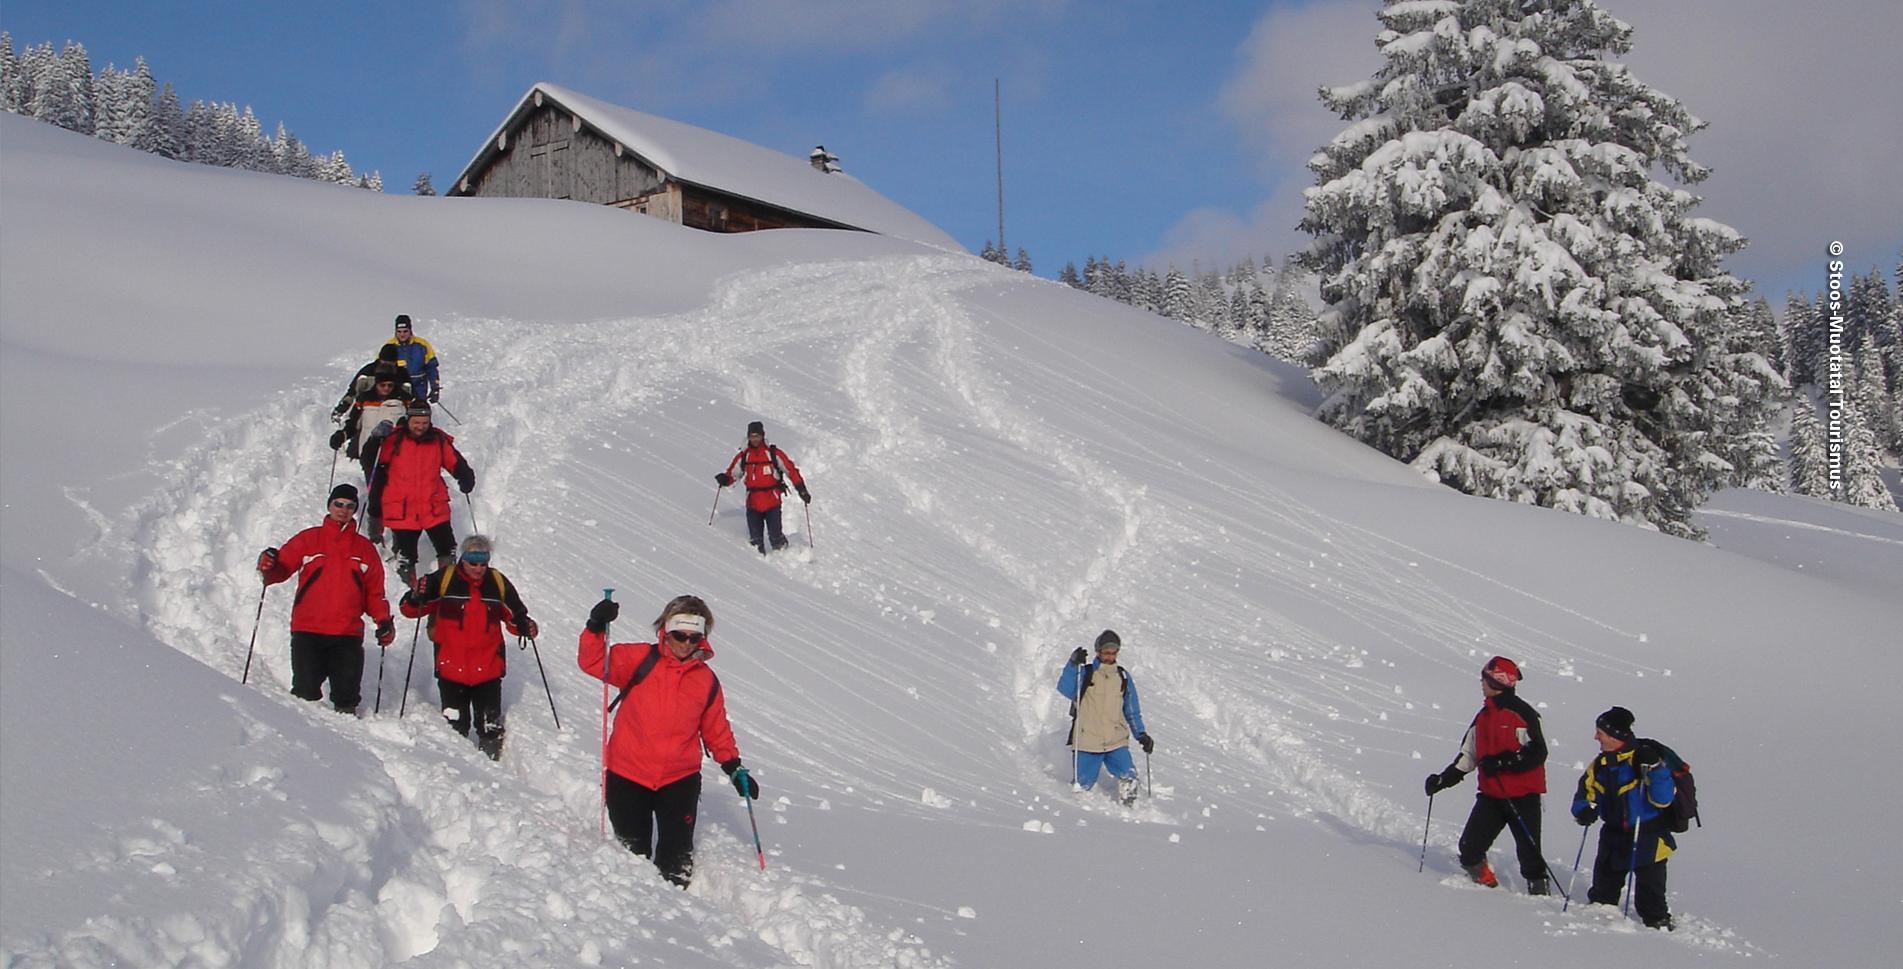 Schneeschuhtour / Schneeschuhwanderung von Oberberg St. Karl, oberhalb Illgau, im Muotathal via Oberzimmerstalden, Sternenegg, Ober Altberg, Eseltritt, Chaltenbrunnen, Gasthaus Oberberg und zurück nach St. Karl